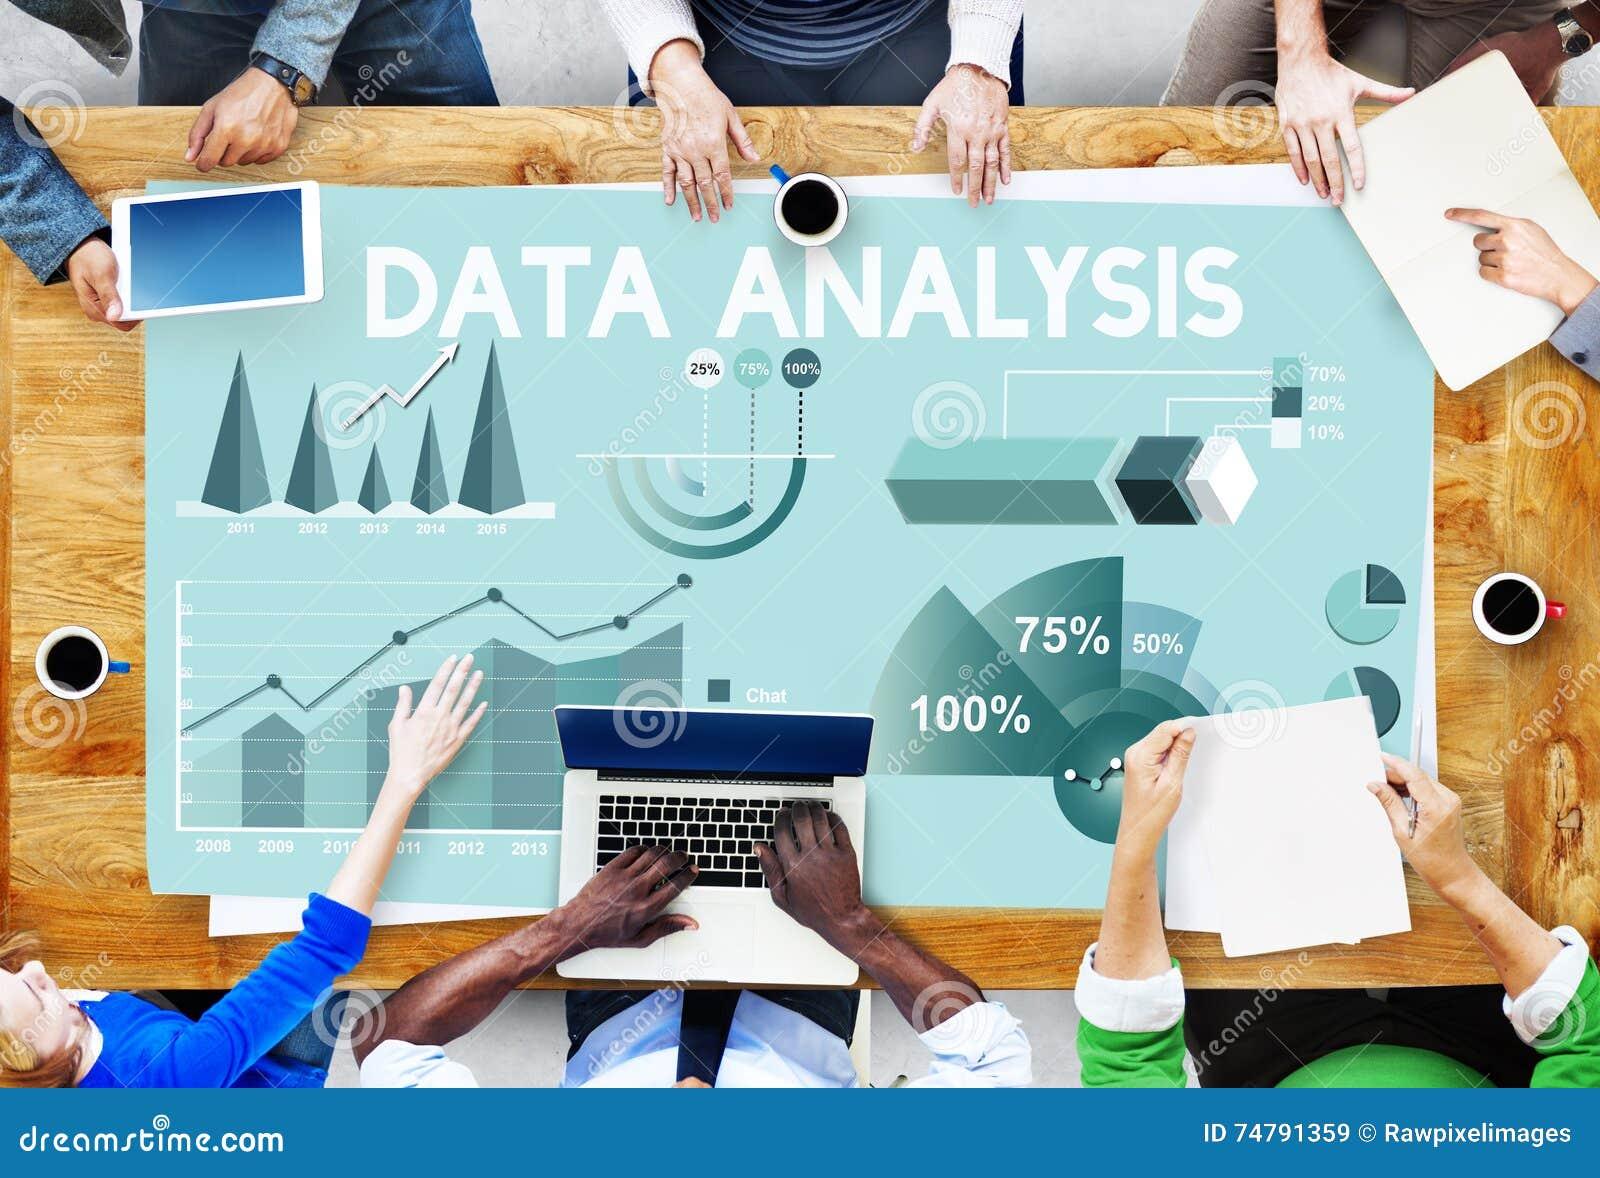 Datenanalyse-Marketing-Geschäftsbericht-Konzept